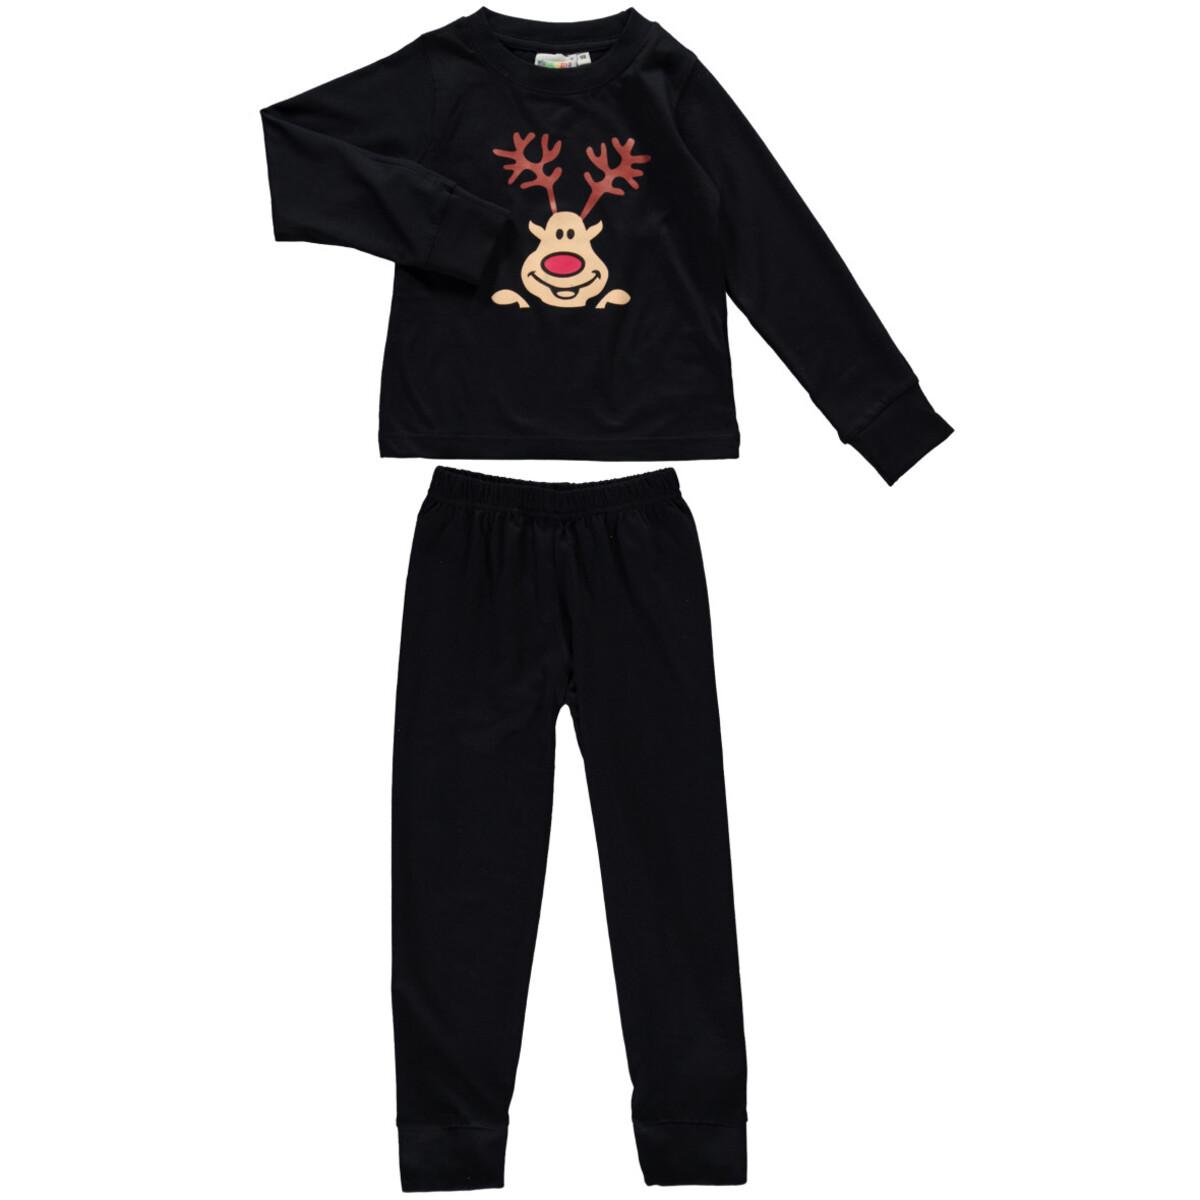 Bild 1 von Jungen Pyjama Set mit Elchgesicht